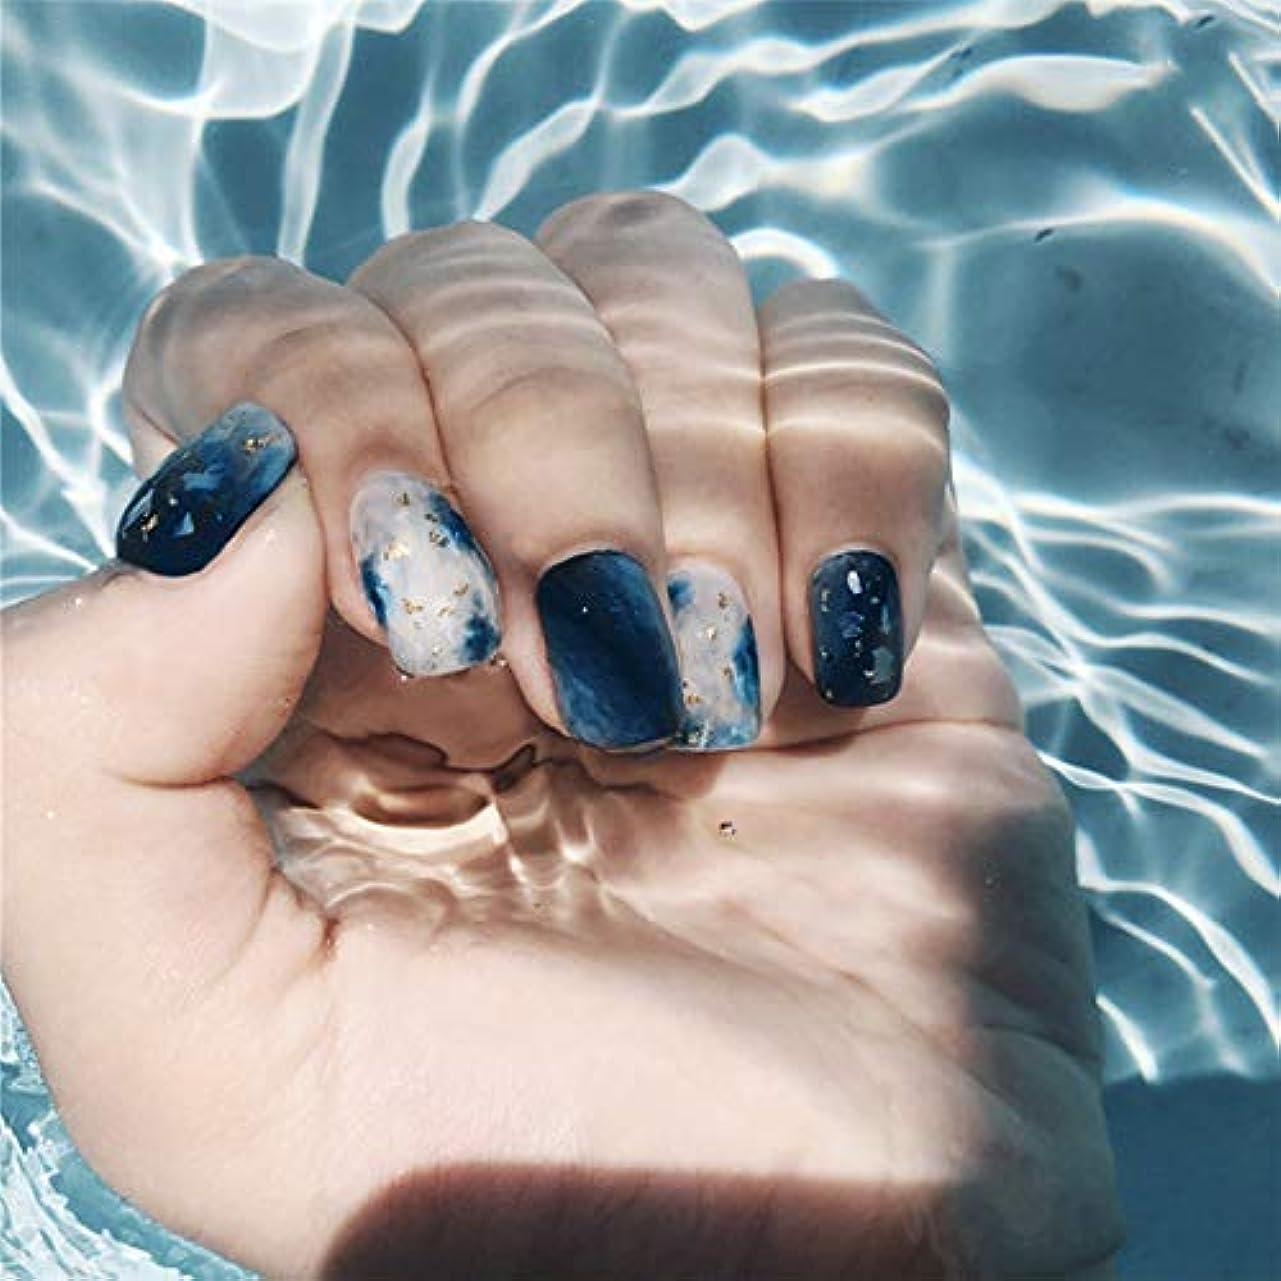 弱める意識不愉快XUTXZKA 女性のための24個のファッション偽爪ネイルアート大理石ブルースポット人工爪のヒント偽爪